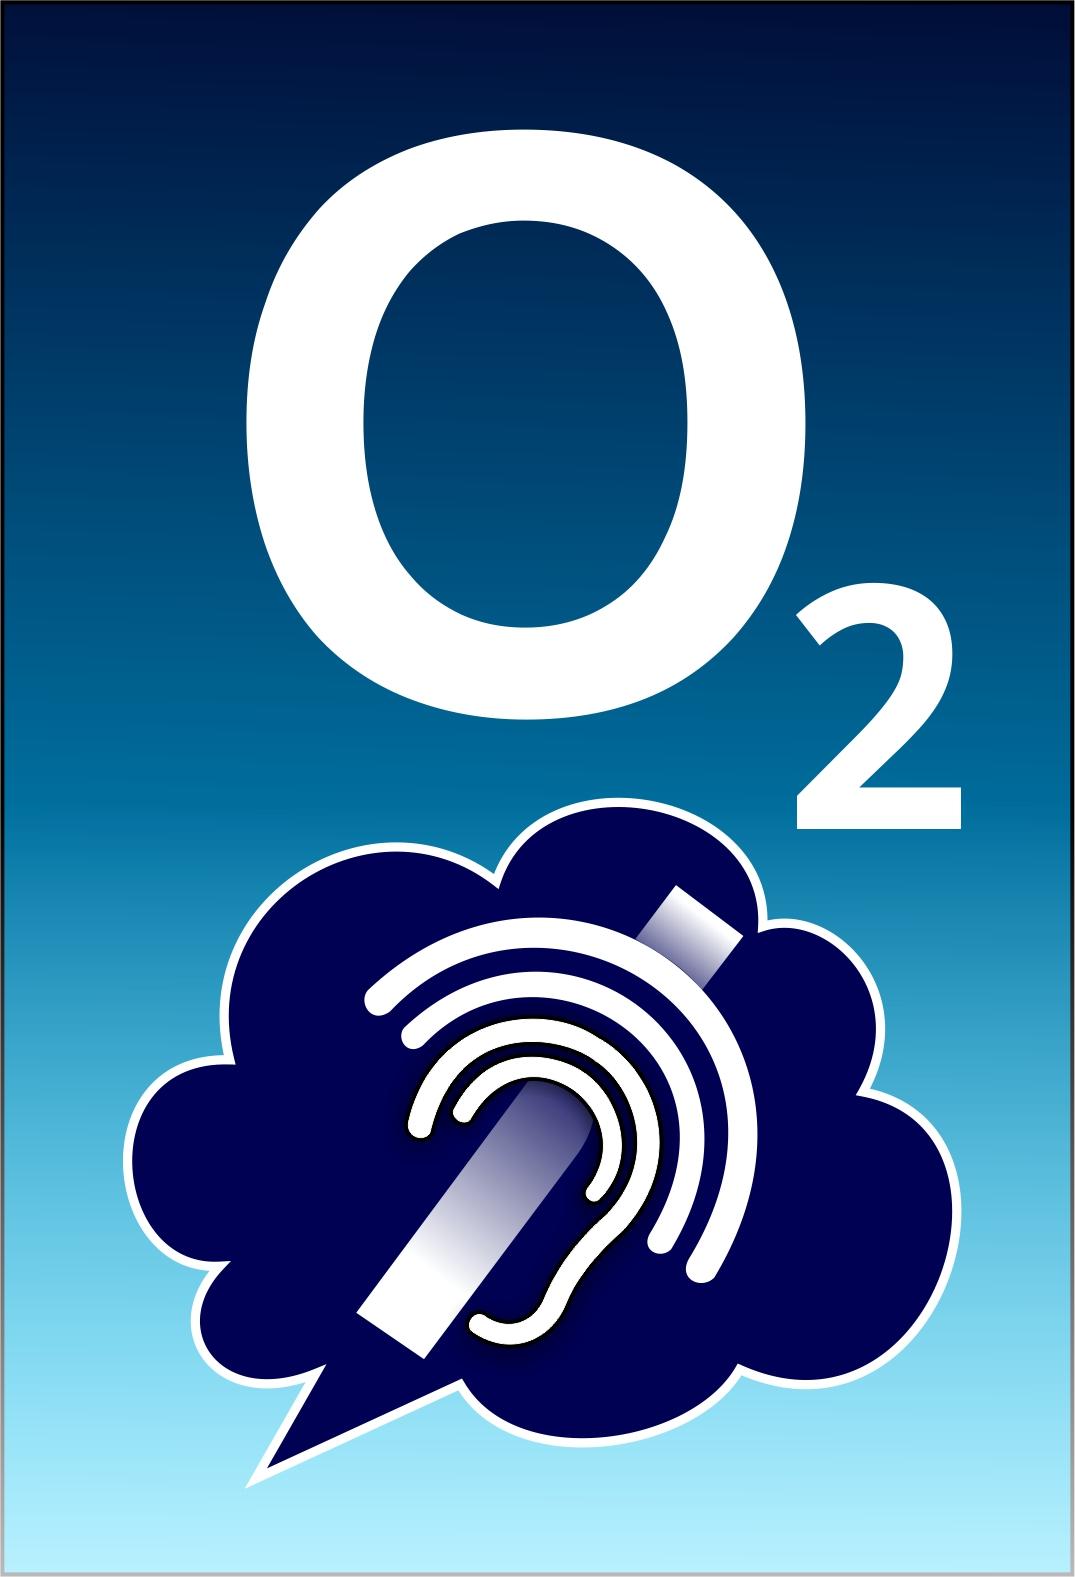 Služby pro neslyšící zdarma. Free services for the deaf